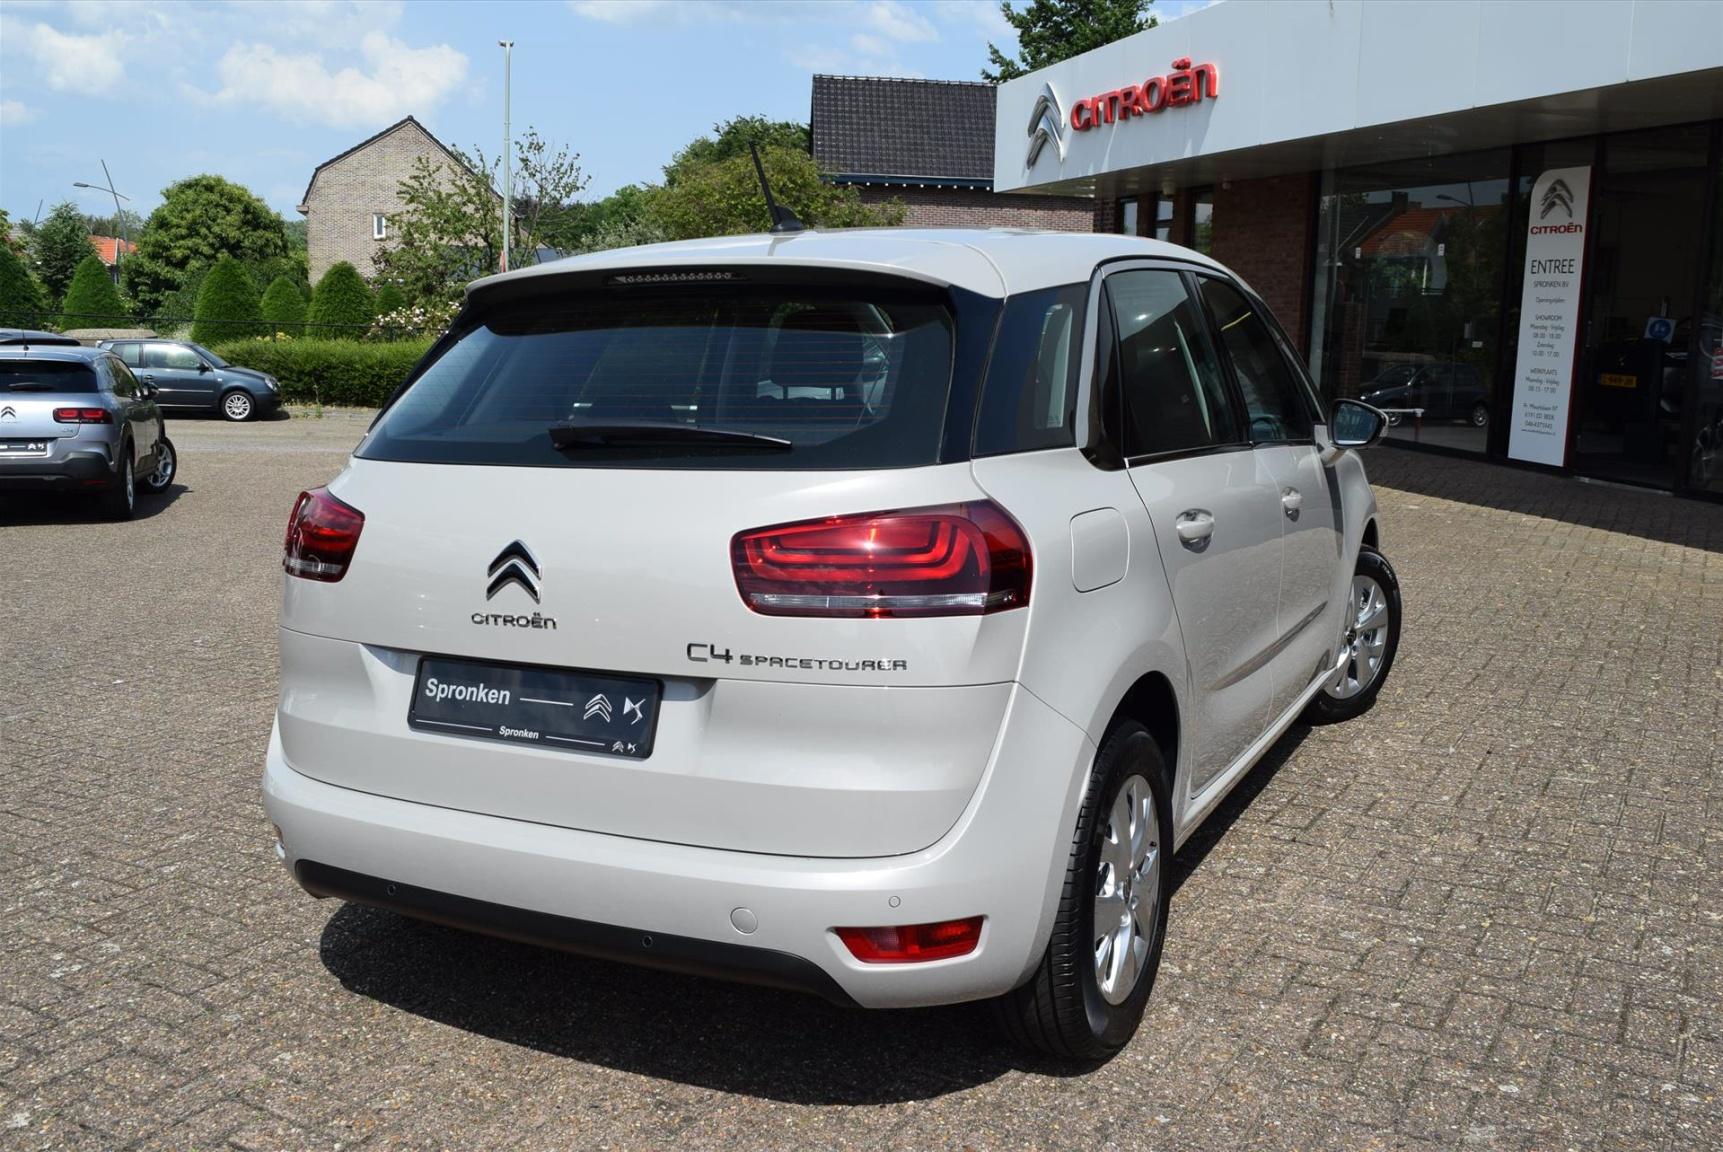 Citroën-C4 Spacetourer-1